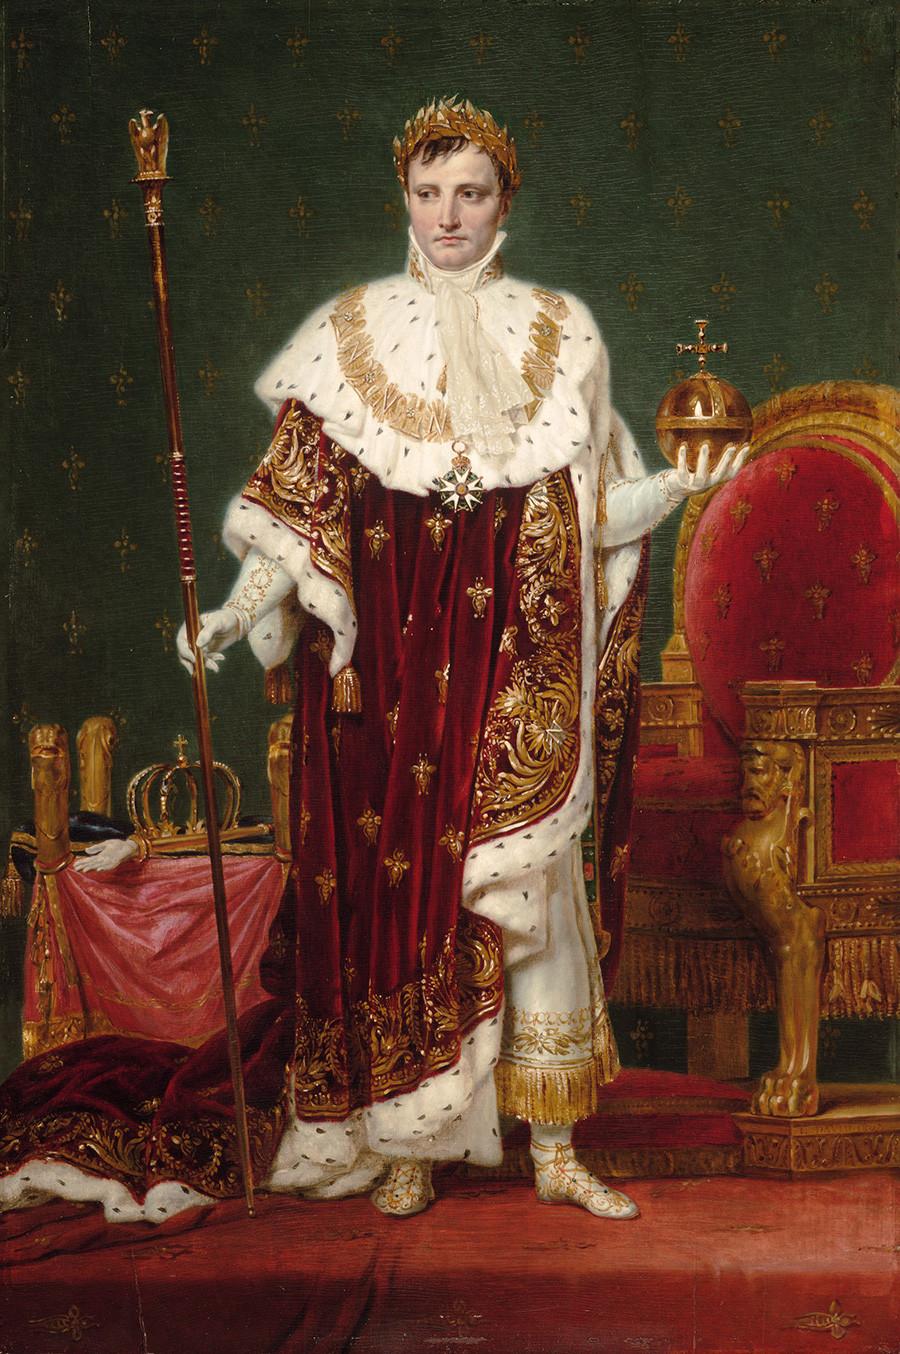 L'empereur Napoléon Ier (1769-1821) par Jacques-Louis David, 1807